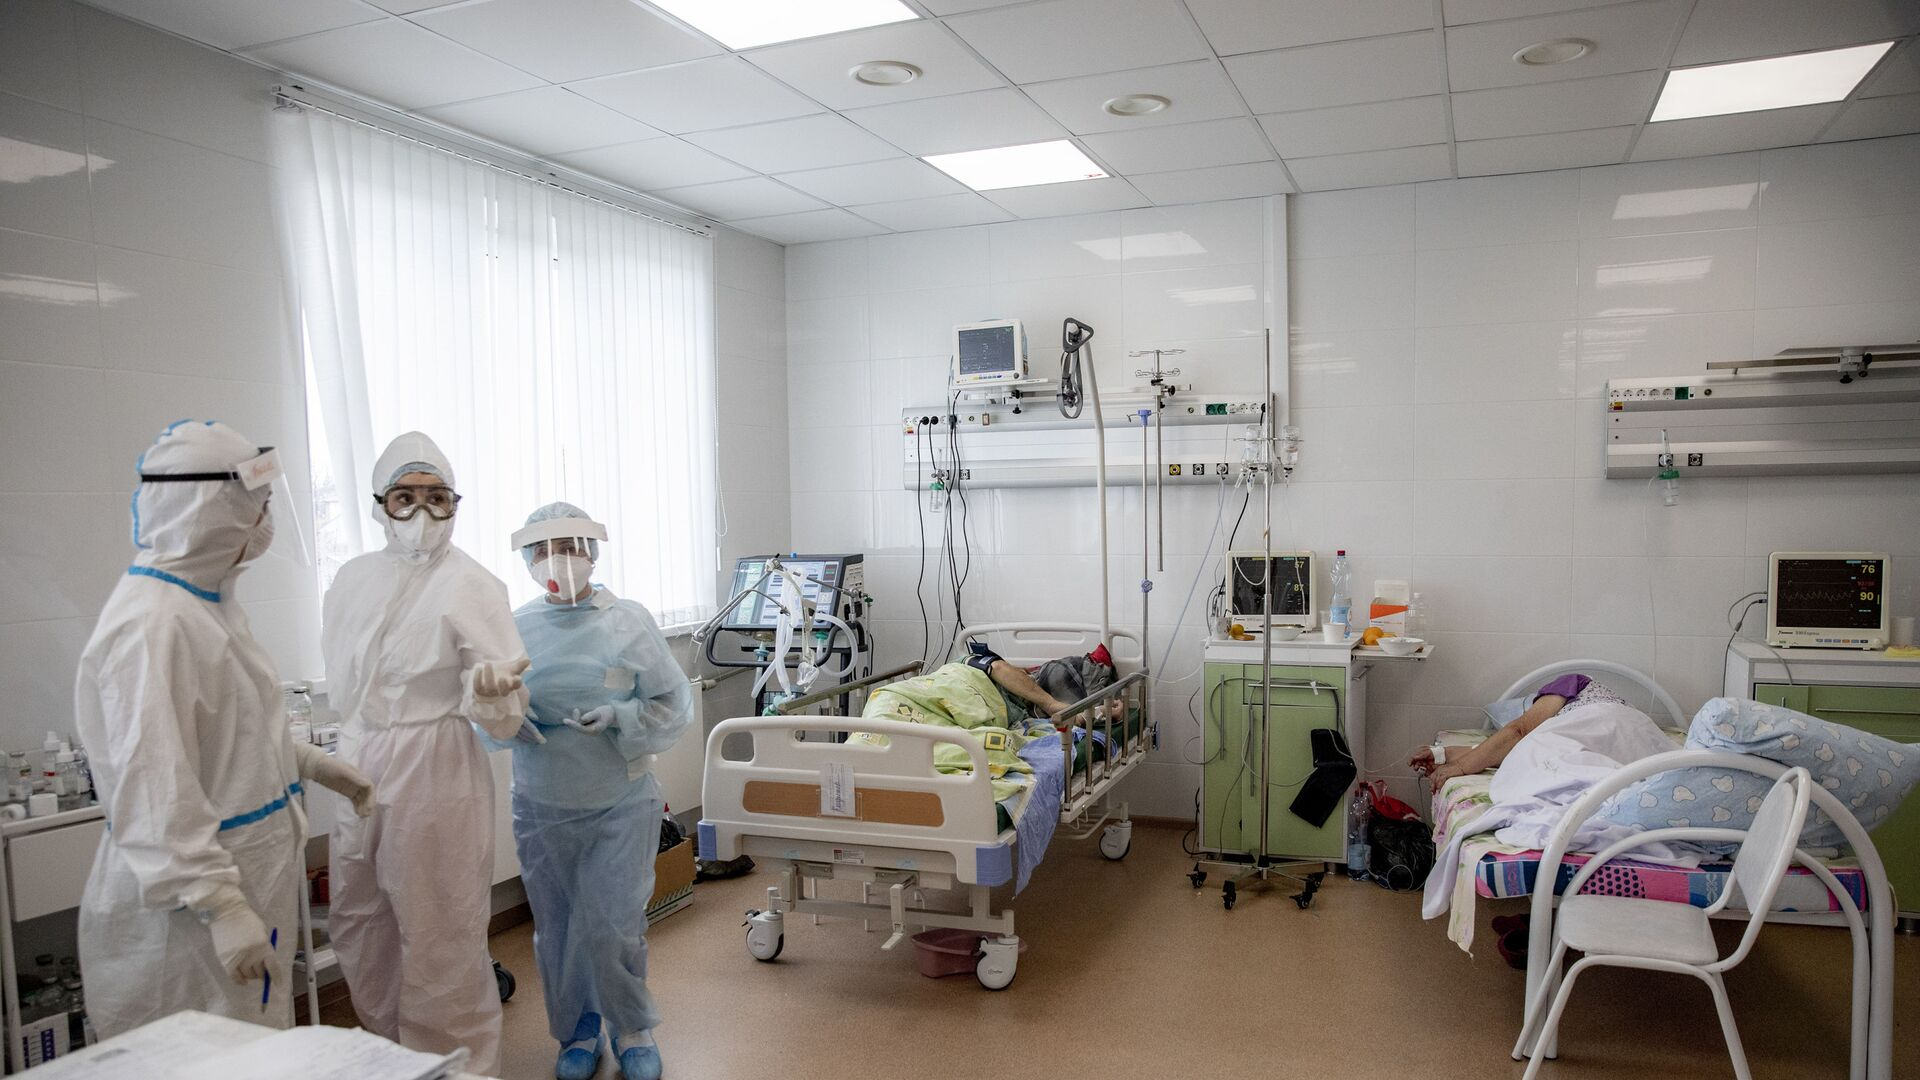 Борьба с коронавирусом в Южной Осетии: Детская больница - Sputnik Южная Осетия, 1920, 13.10.2021